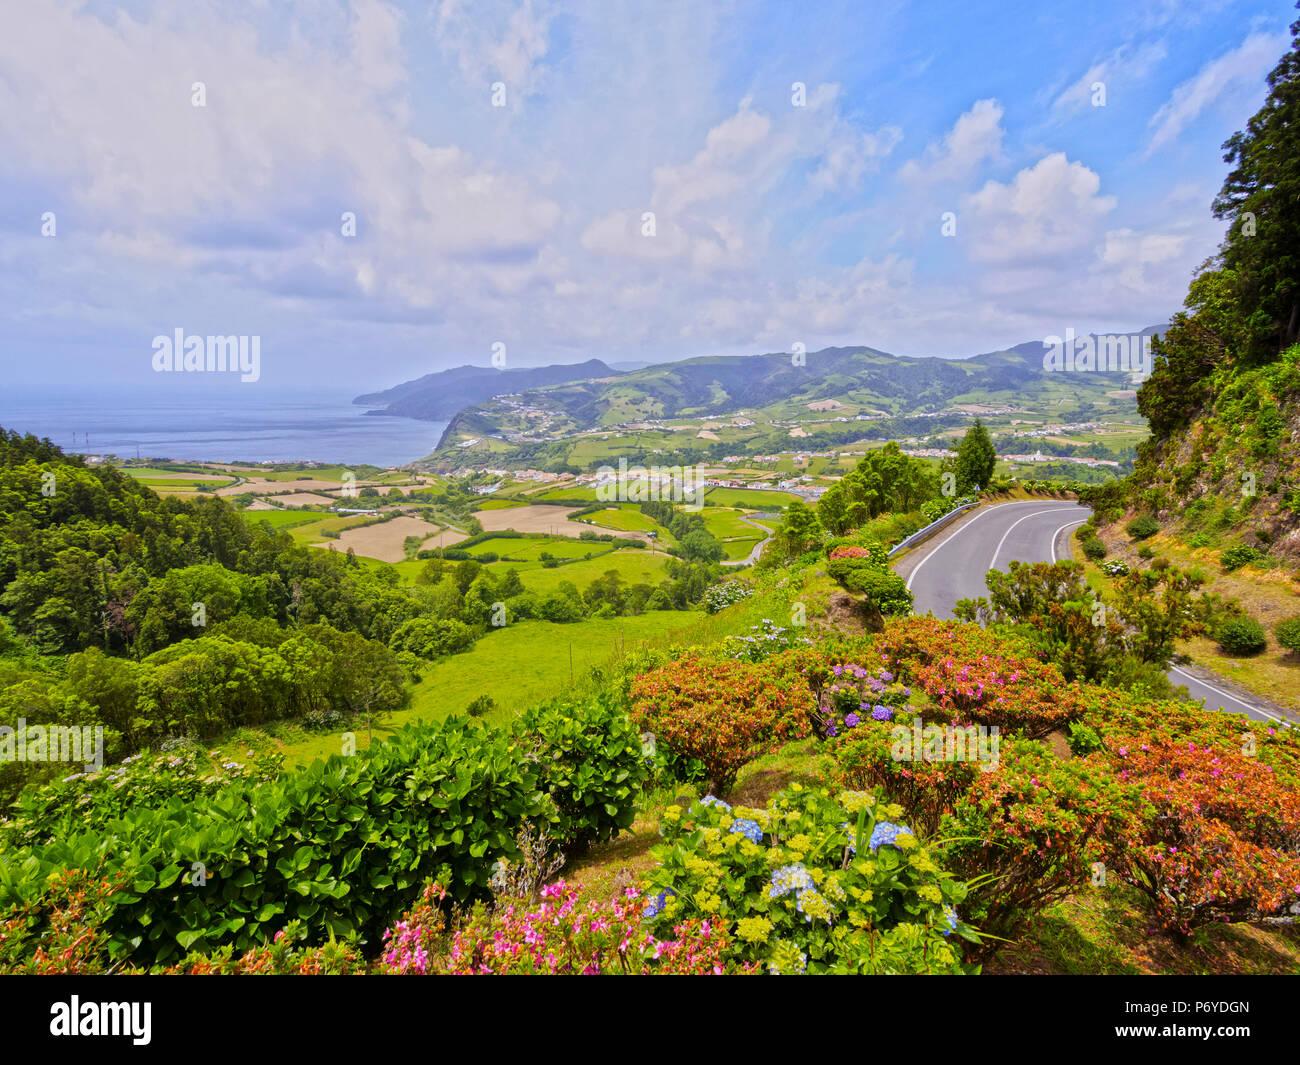 Le Portugal, Azores, Sao Miguel, Nordeste, vue de la côte Est avec Hortensias au premier plan. Photo Stock